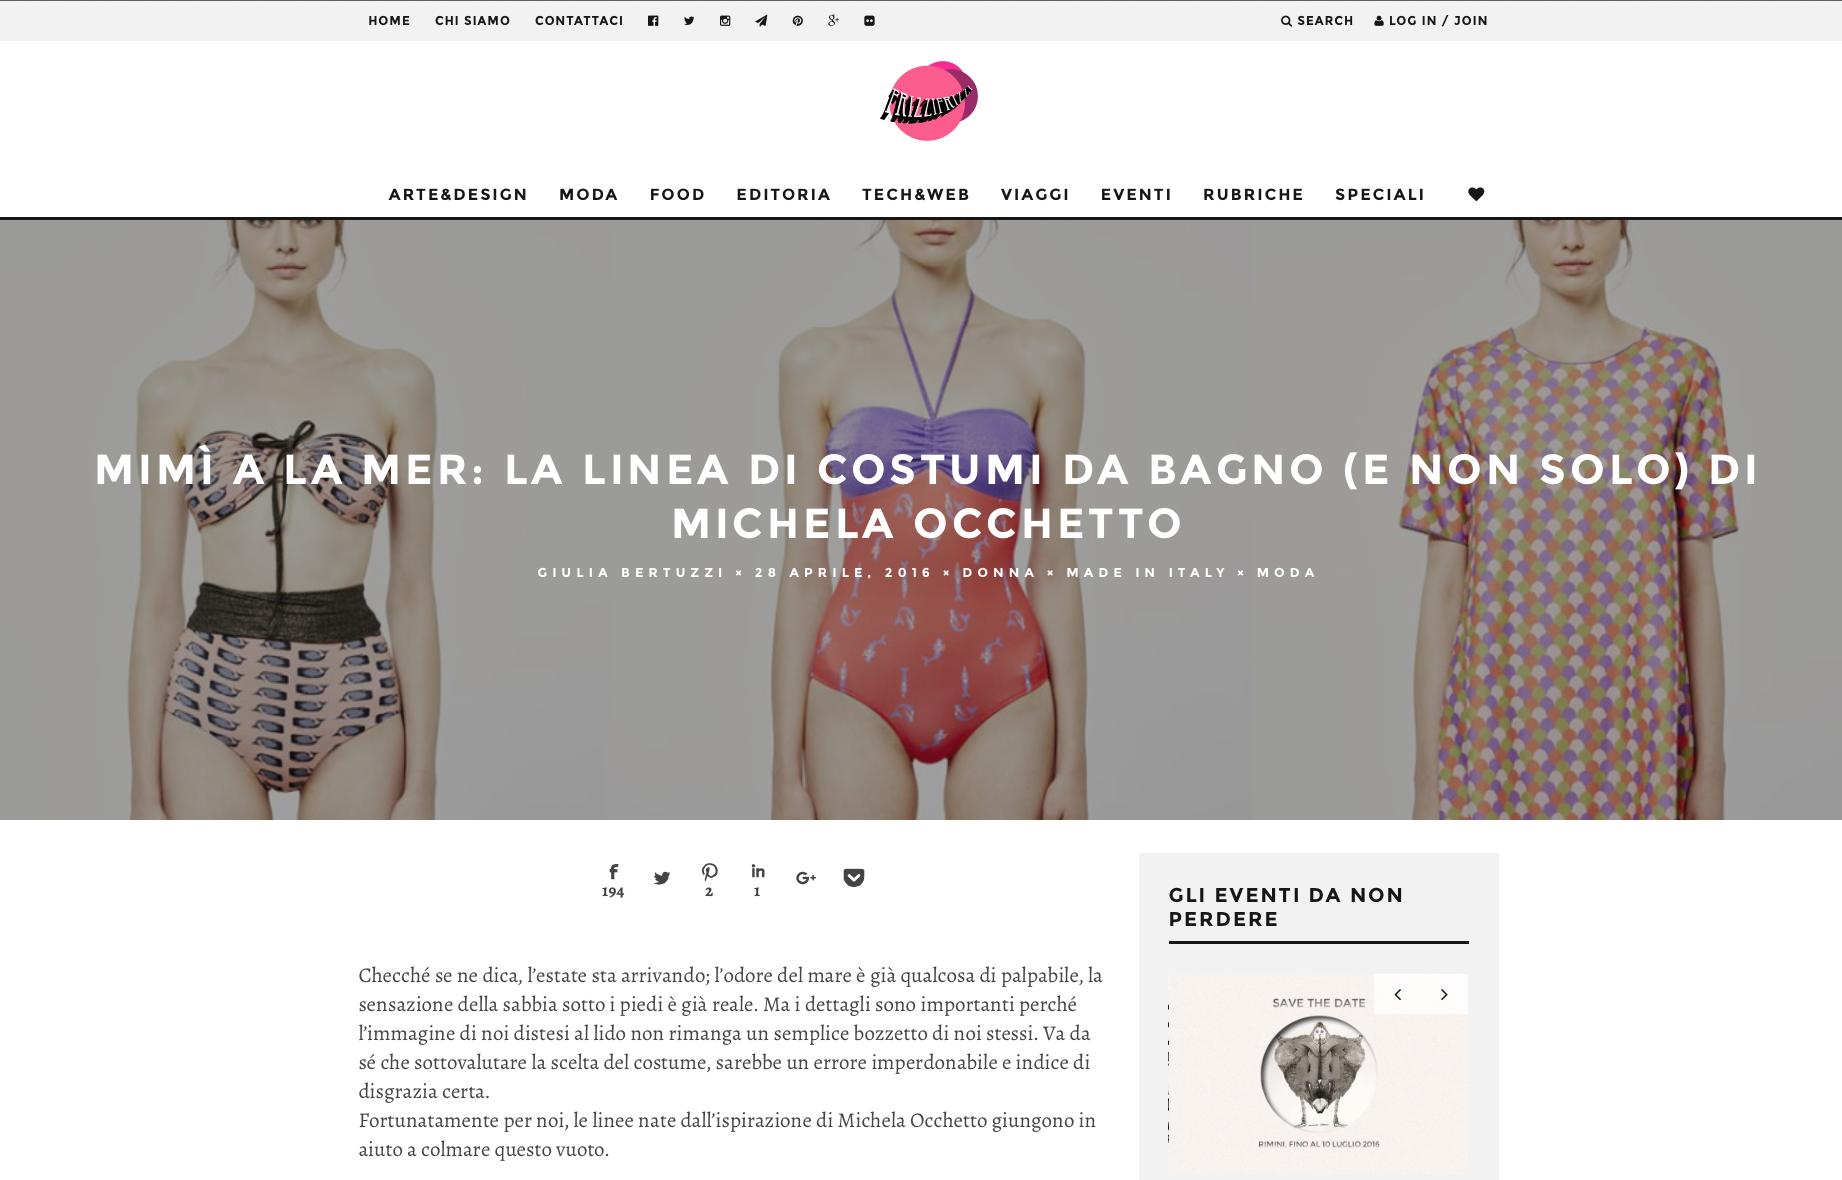 Mimì a la mer: la linea di costumi da bagno (e non solo) di Michela Occhetto | FrizziFrizzi